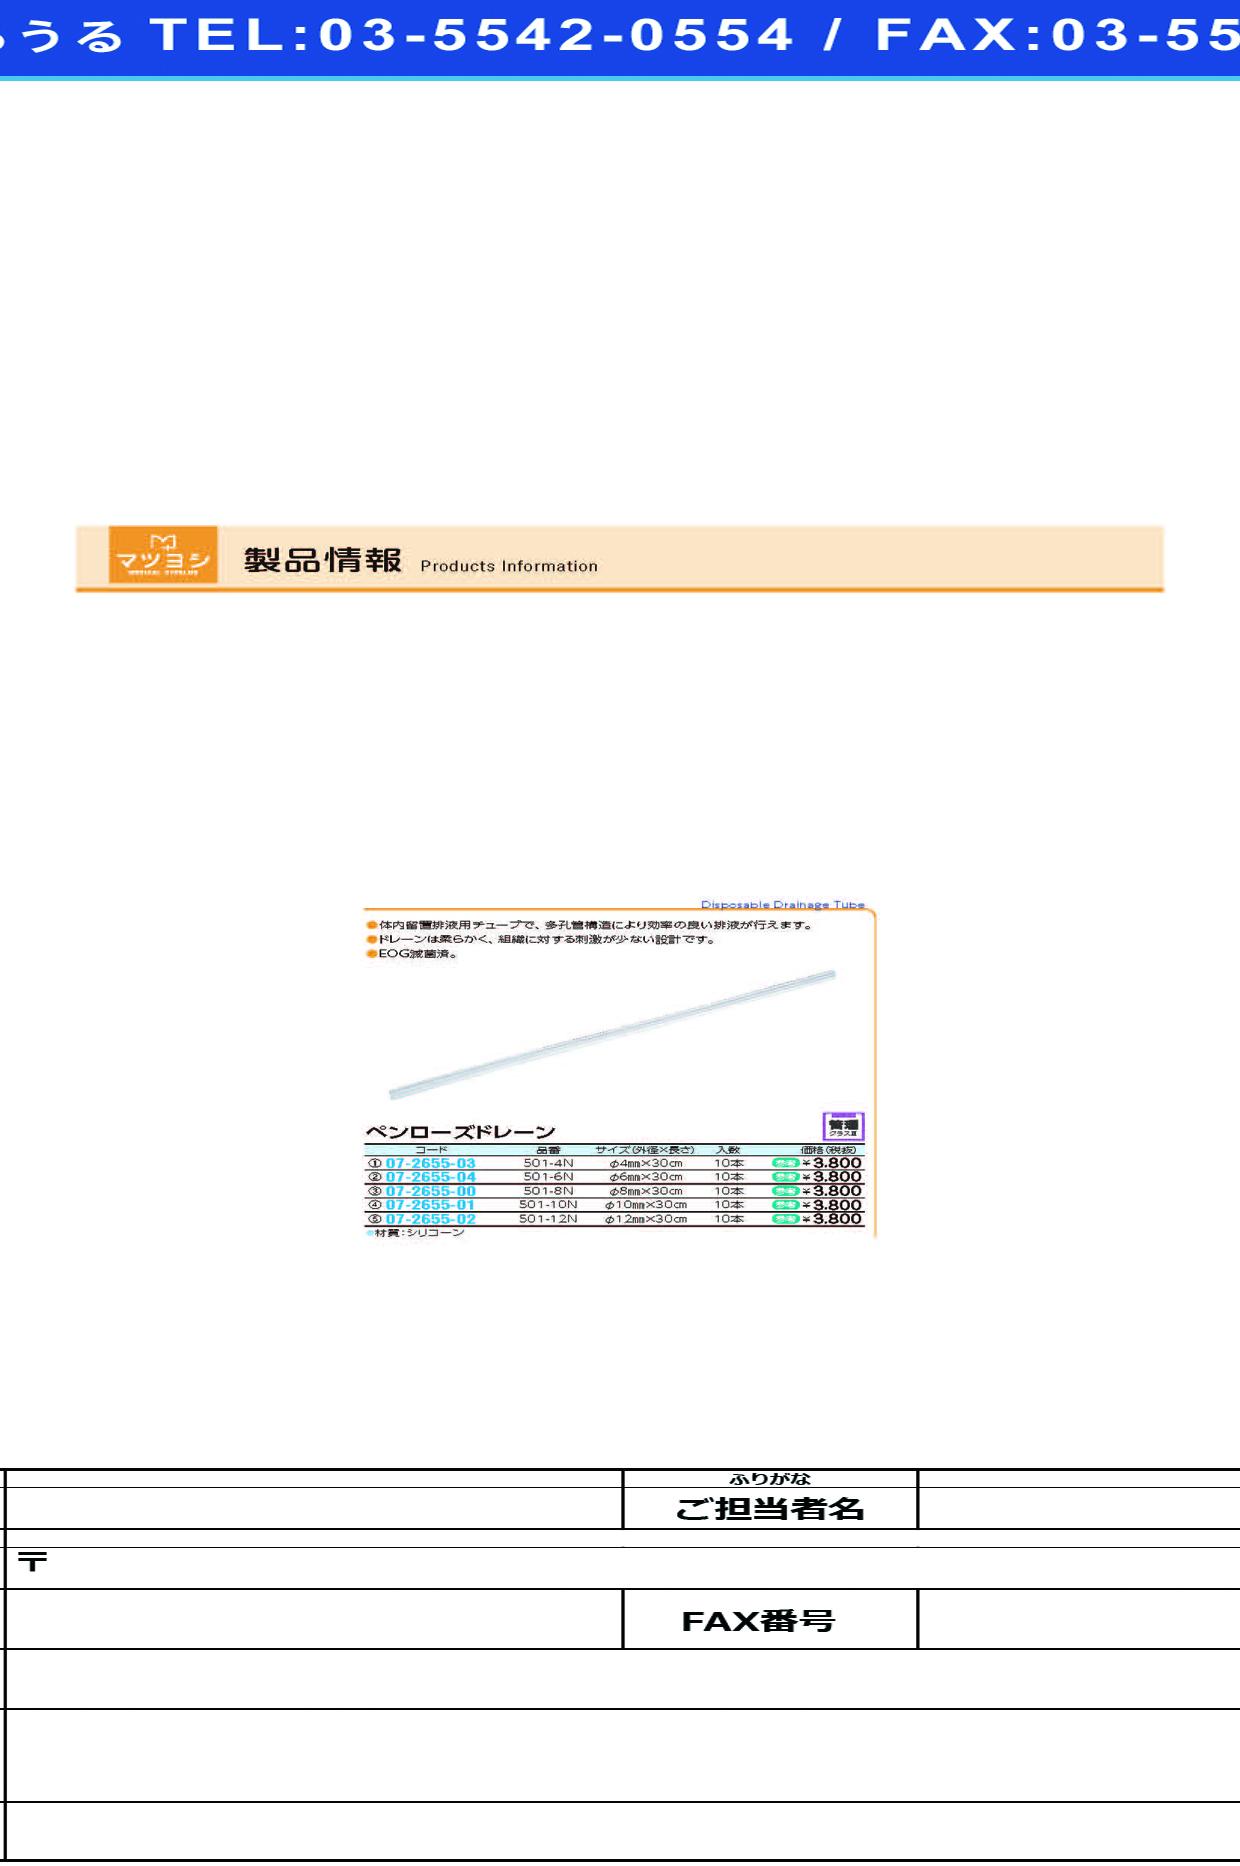 (07-2655-04)ペンローズドレーン 501-6N(6X300MM)10ホン ペンローズドレーン【1袋単位】【2019年カタログ商品】